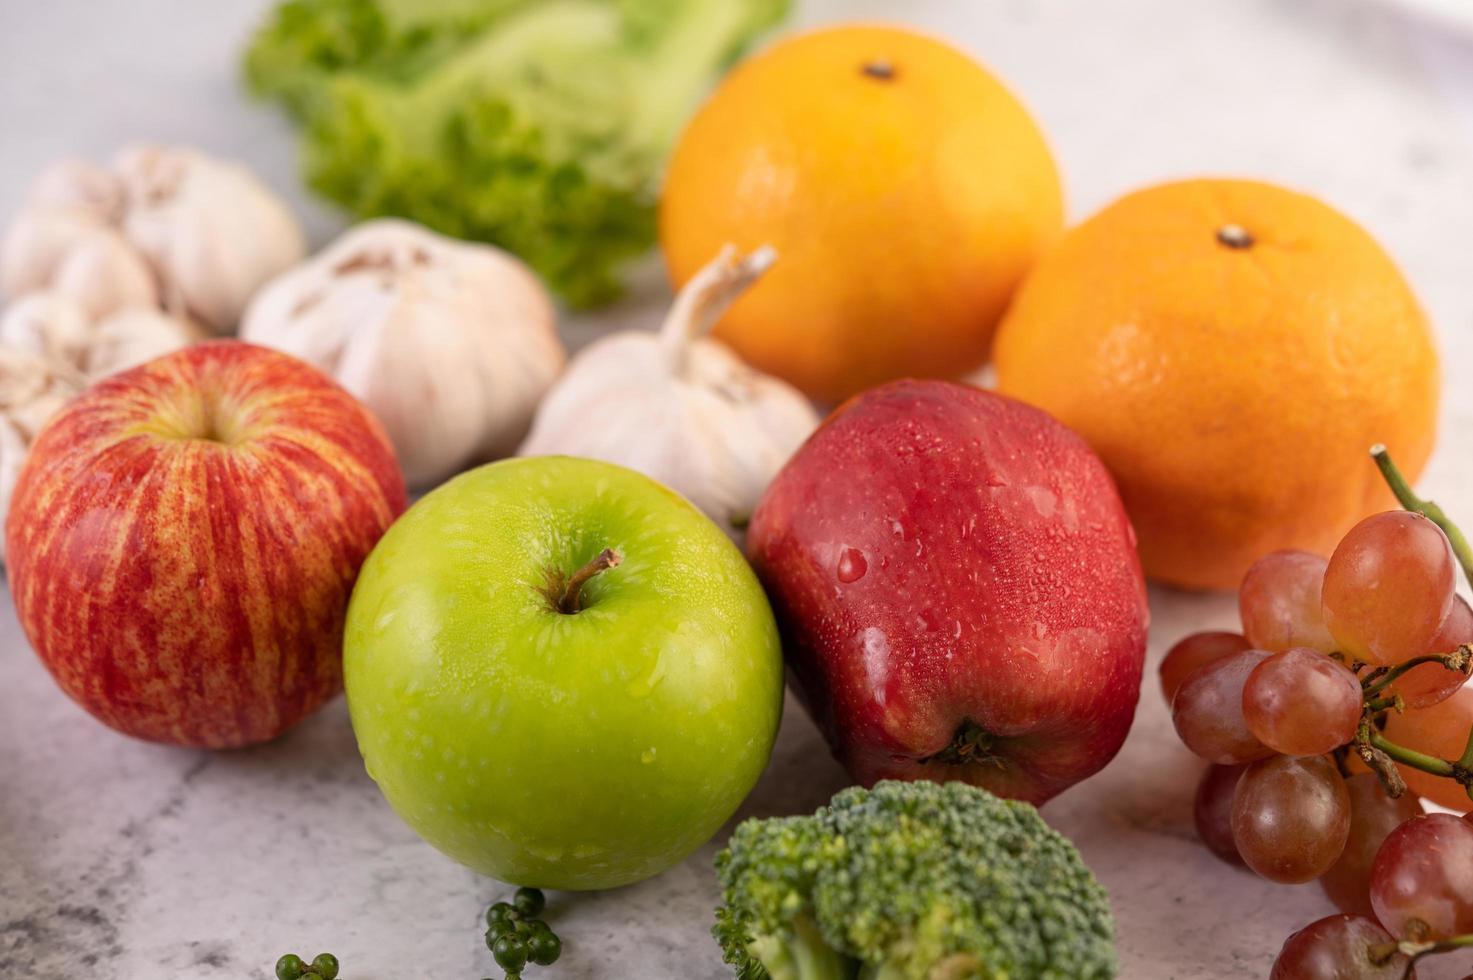 Vue rapprochée de pommes, oranges, brocolis, petits maïs, raisins et tomates photo